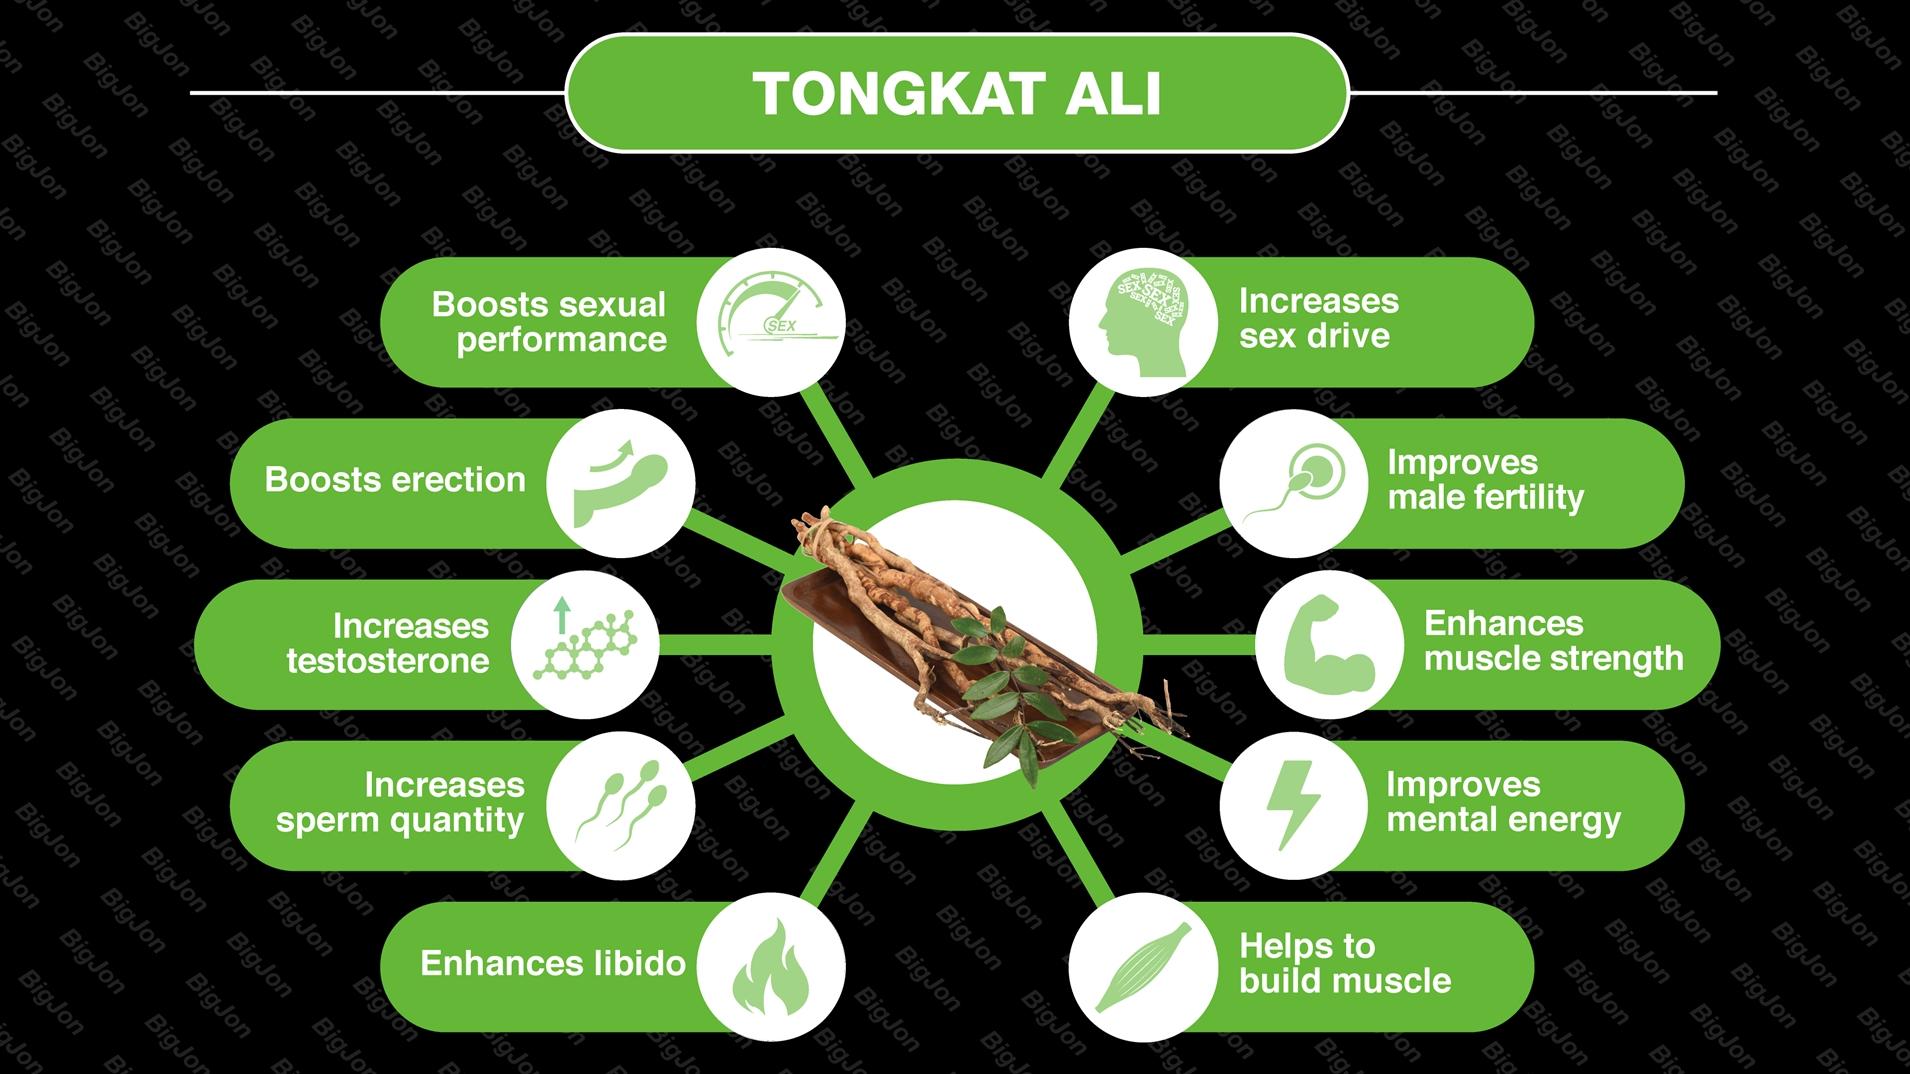 Tongkat Ali ingredients